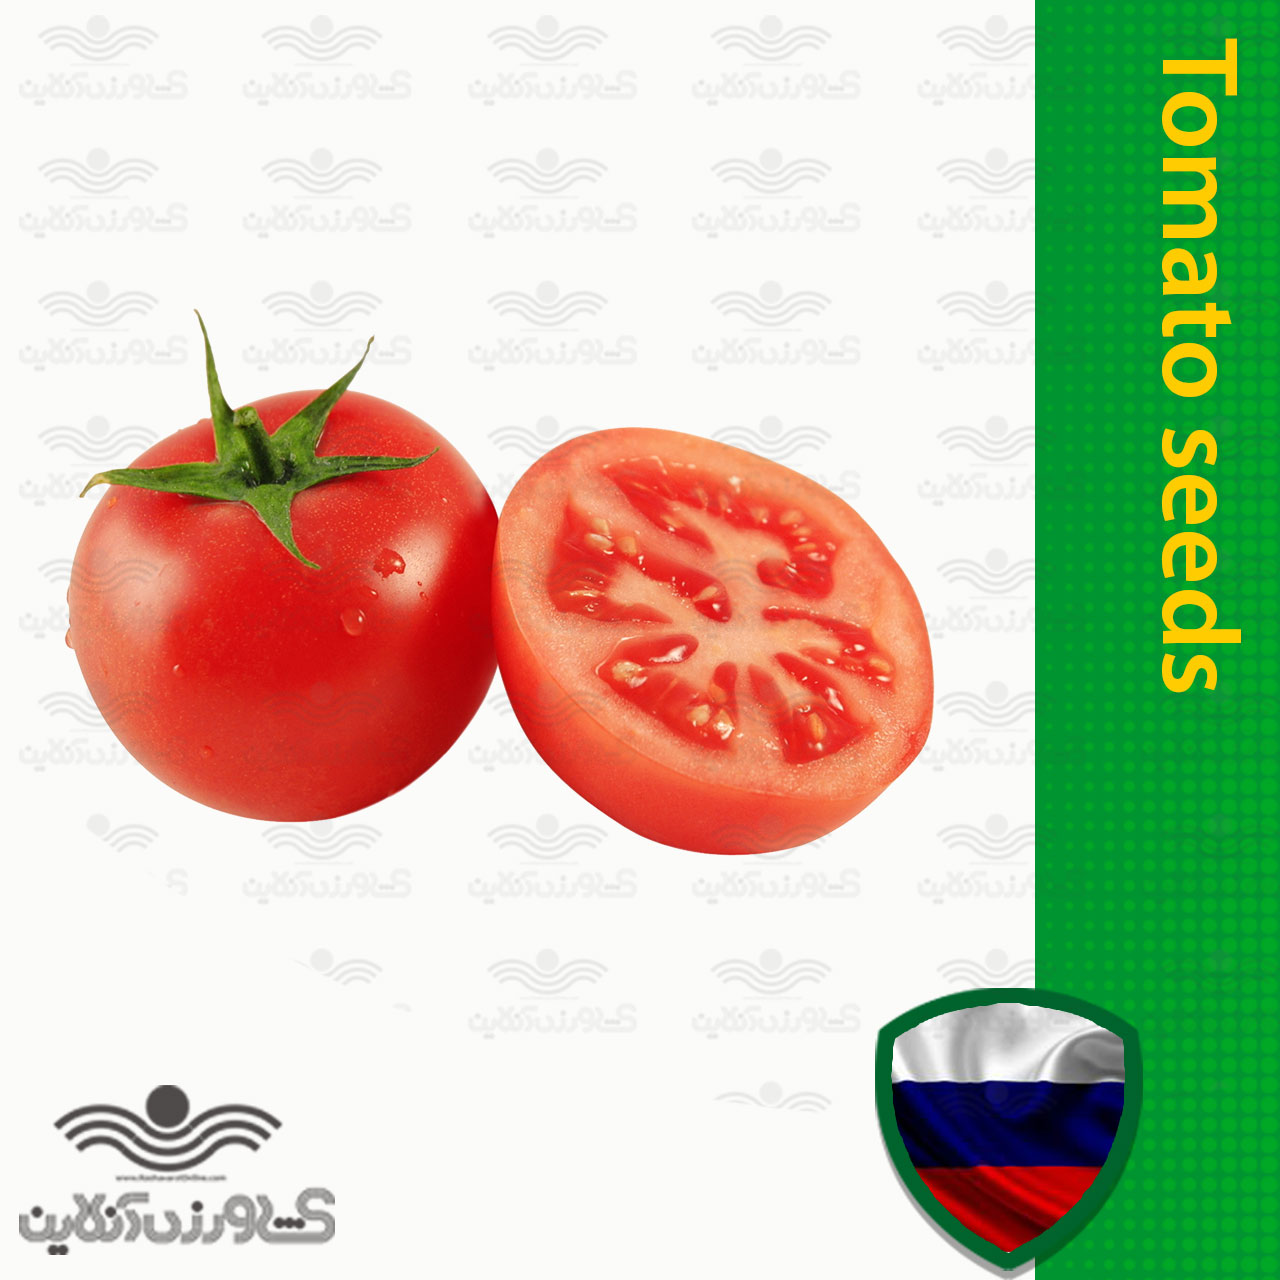 بذر گوجه فرنگی گرد خارجی خانگی